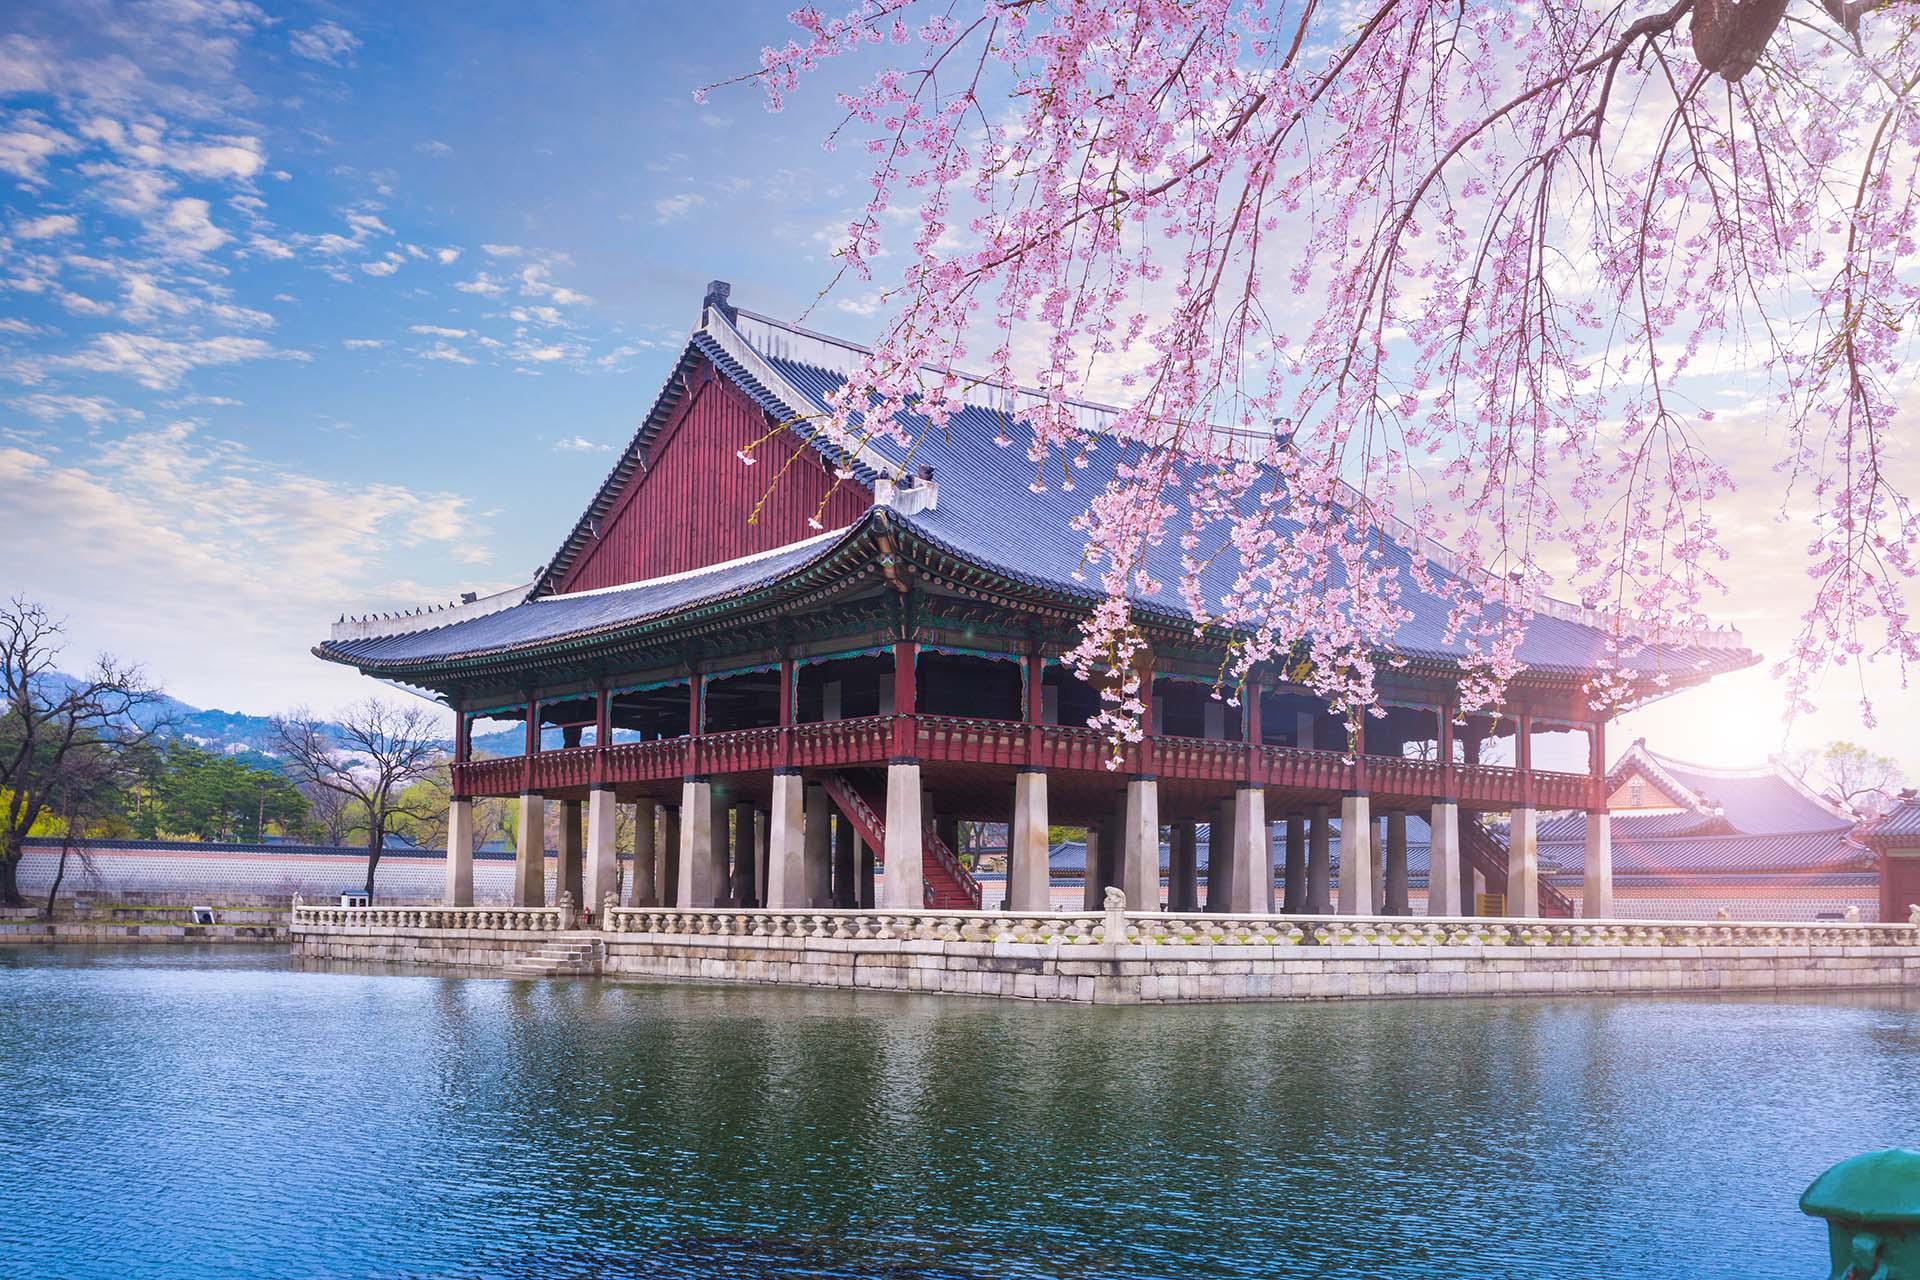 Siguiendo los pasos de otros destinos asiáticos como Japón y Taiwán, Corea del Sur es un destino fácil de recorrer, con una fantástica escena gastronómica y una historia fascinante en ciudades como Seúl